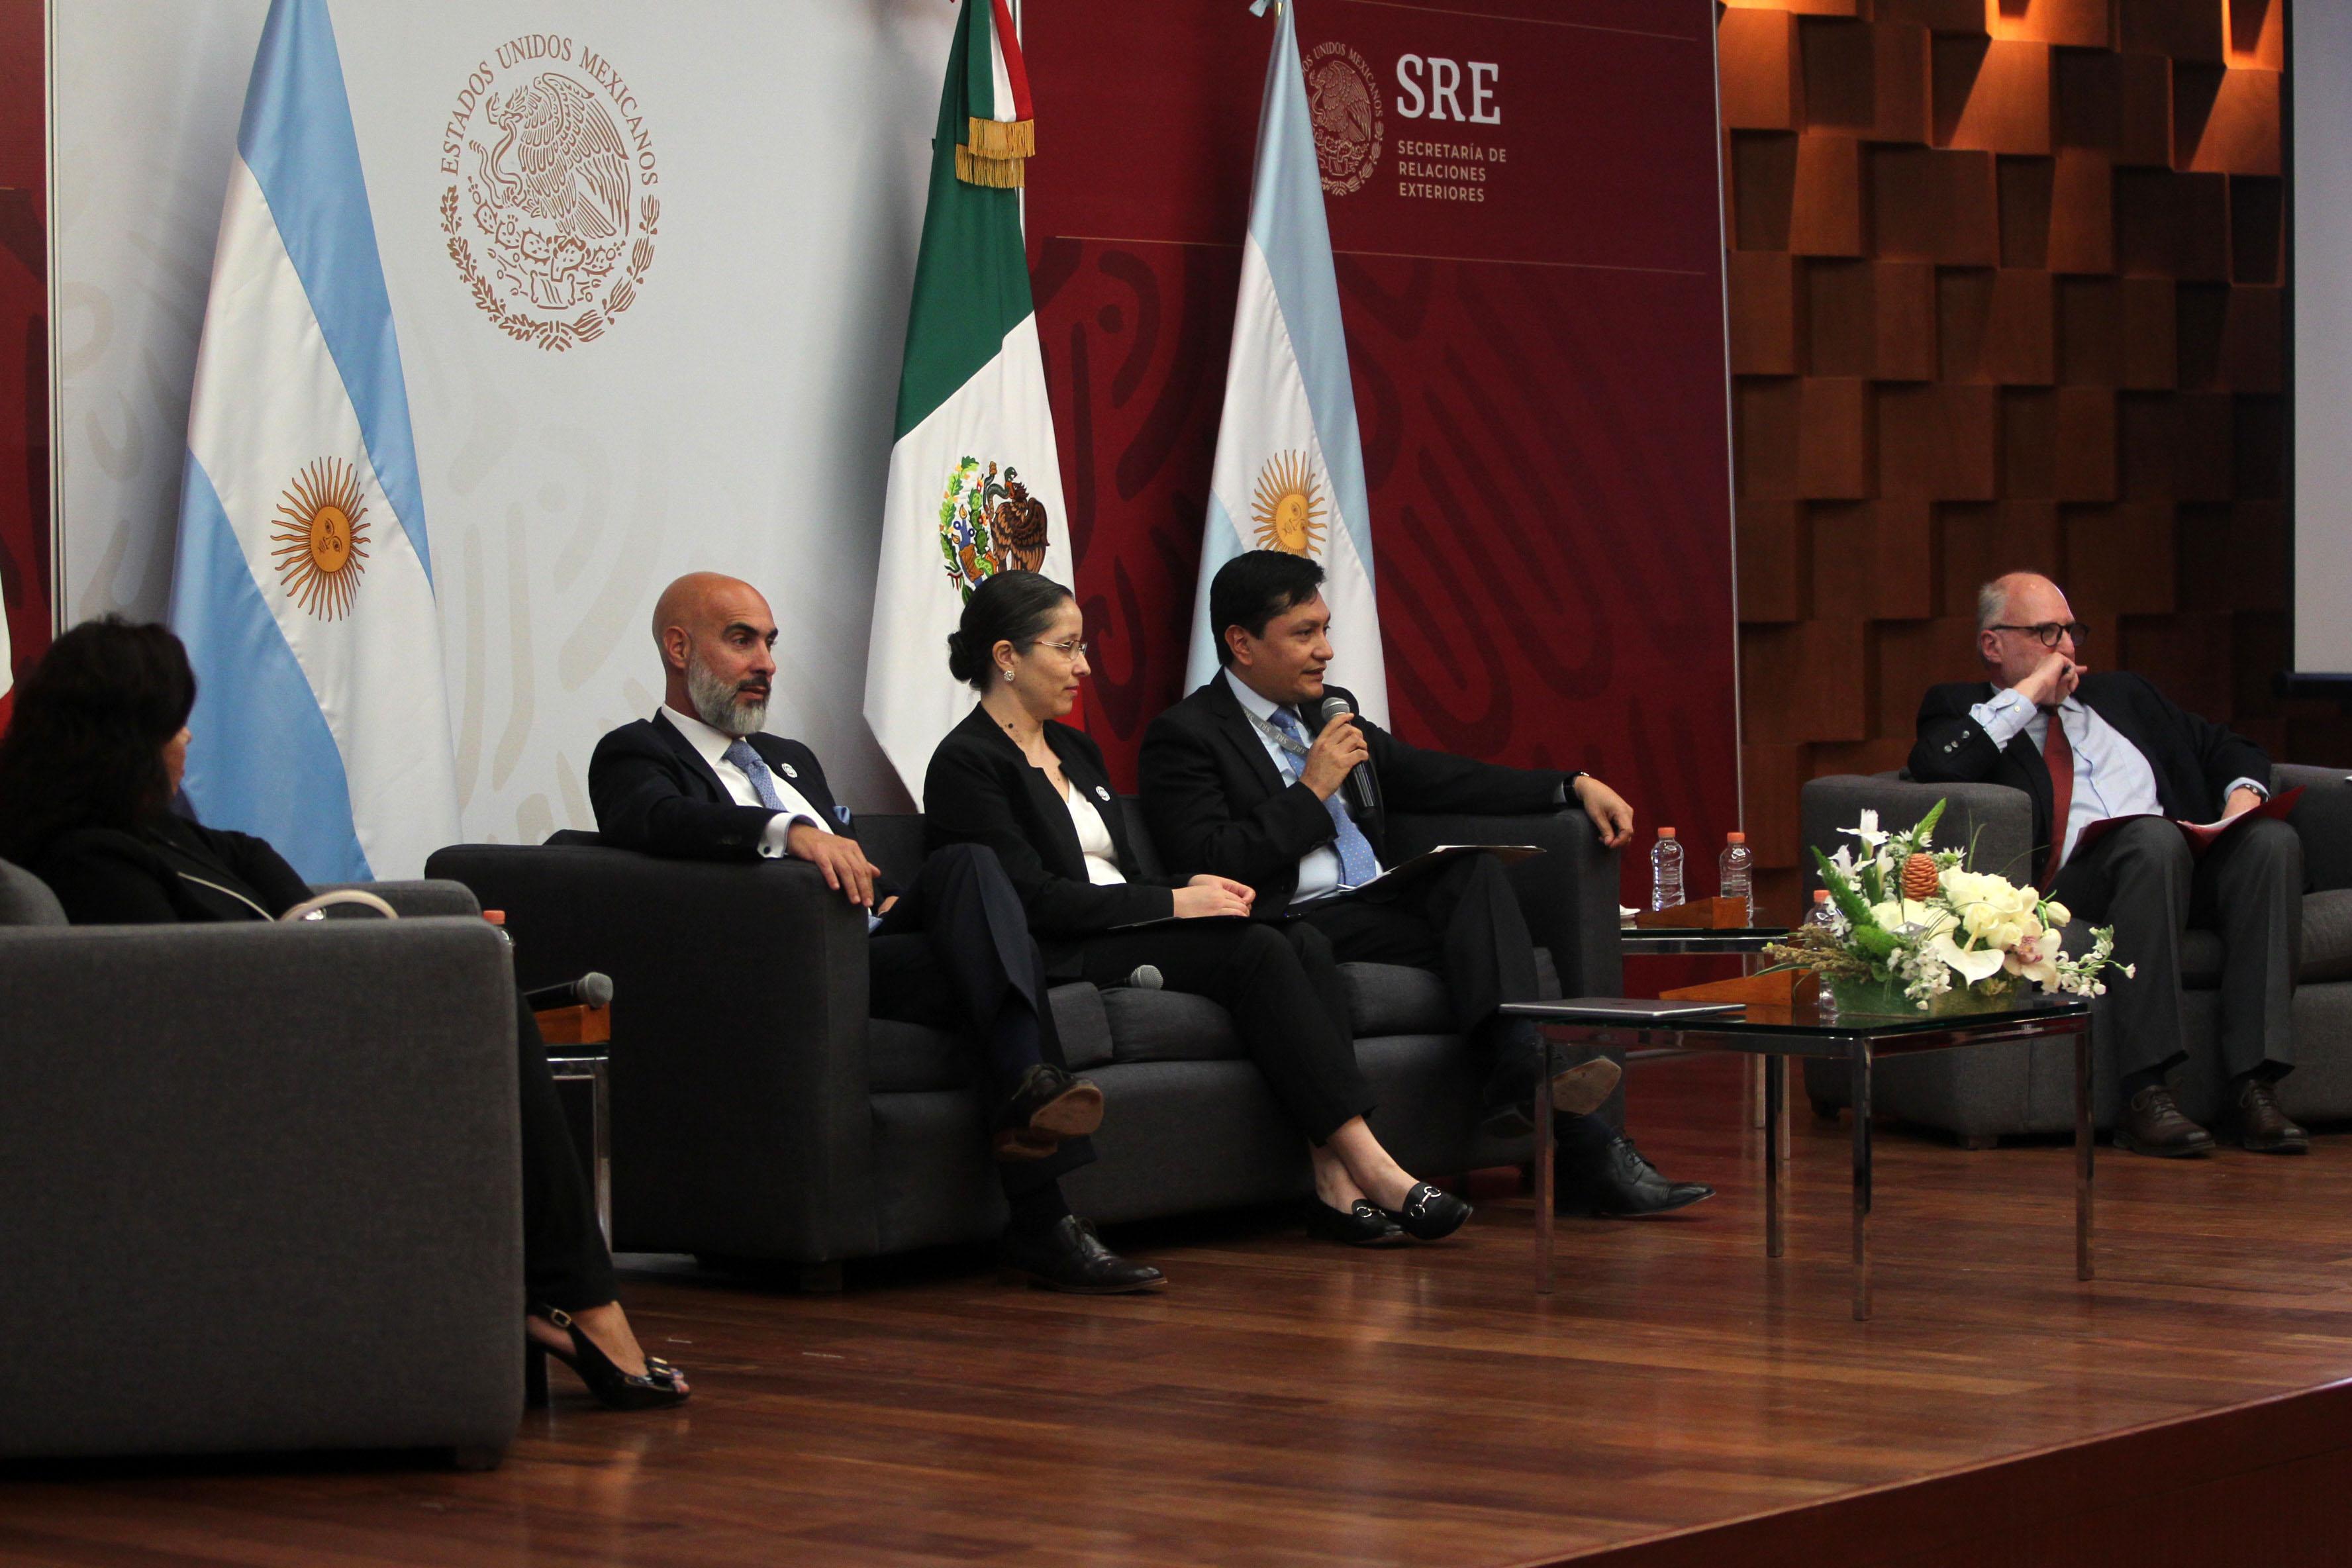 Dra. María del Pilar Ostos, Emb. Ezequiel Sabor, Mtra. Liliana Padilla, Min. Eleazar Velasco,  y Dr. Pablo Yankelevich